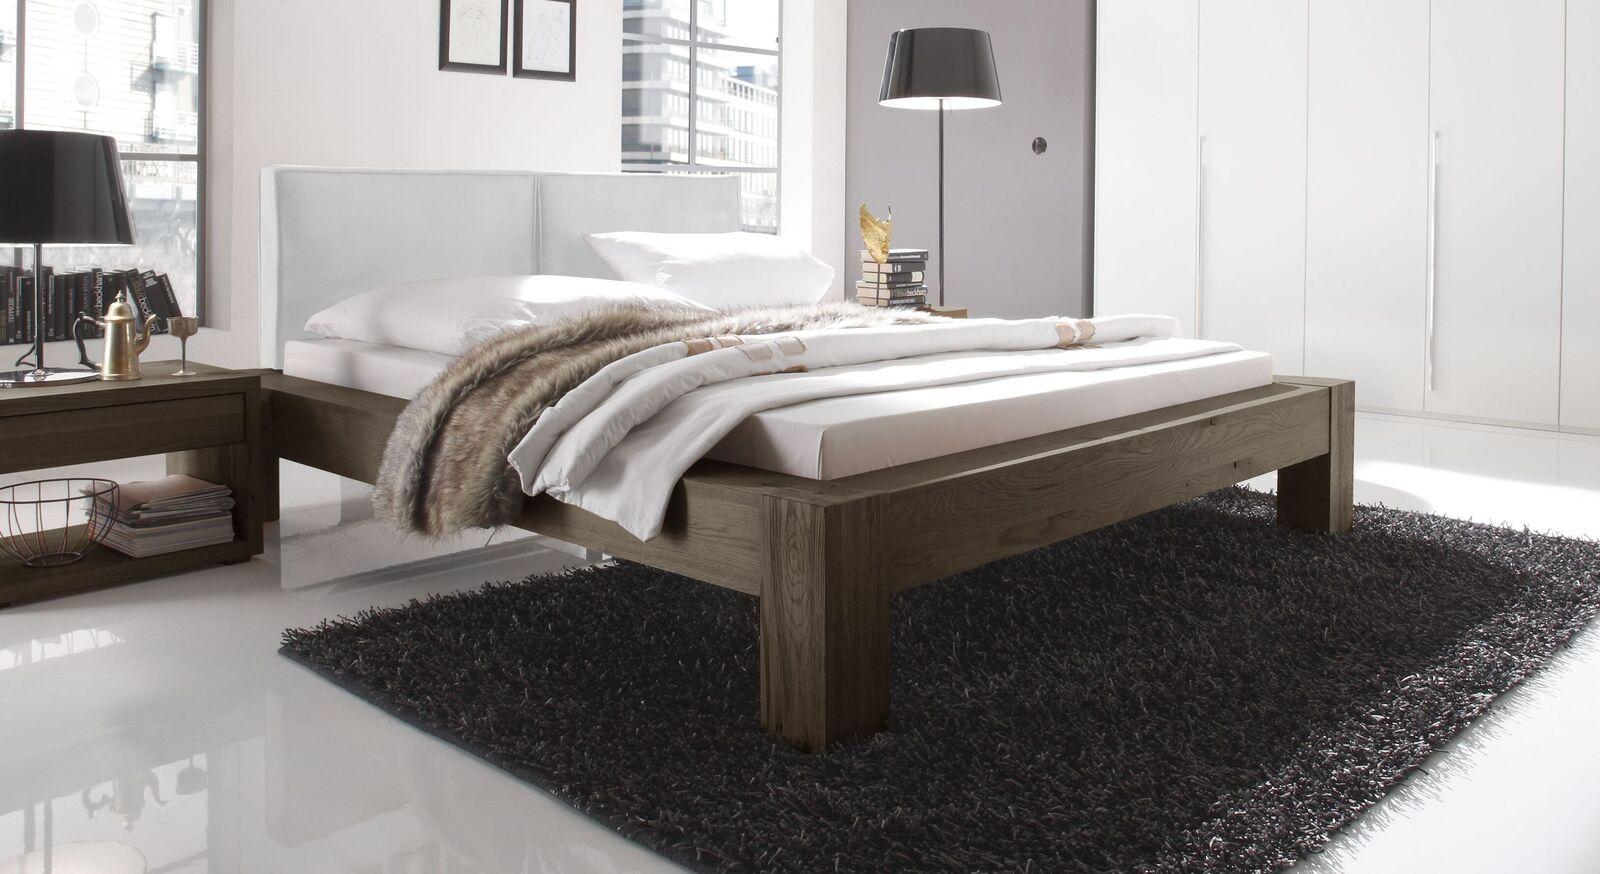 Bett Maia aus coffeefarbenem Wildeichenholz und weißem Kopfteil